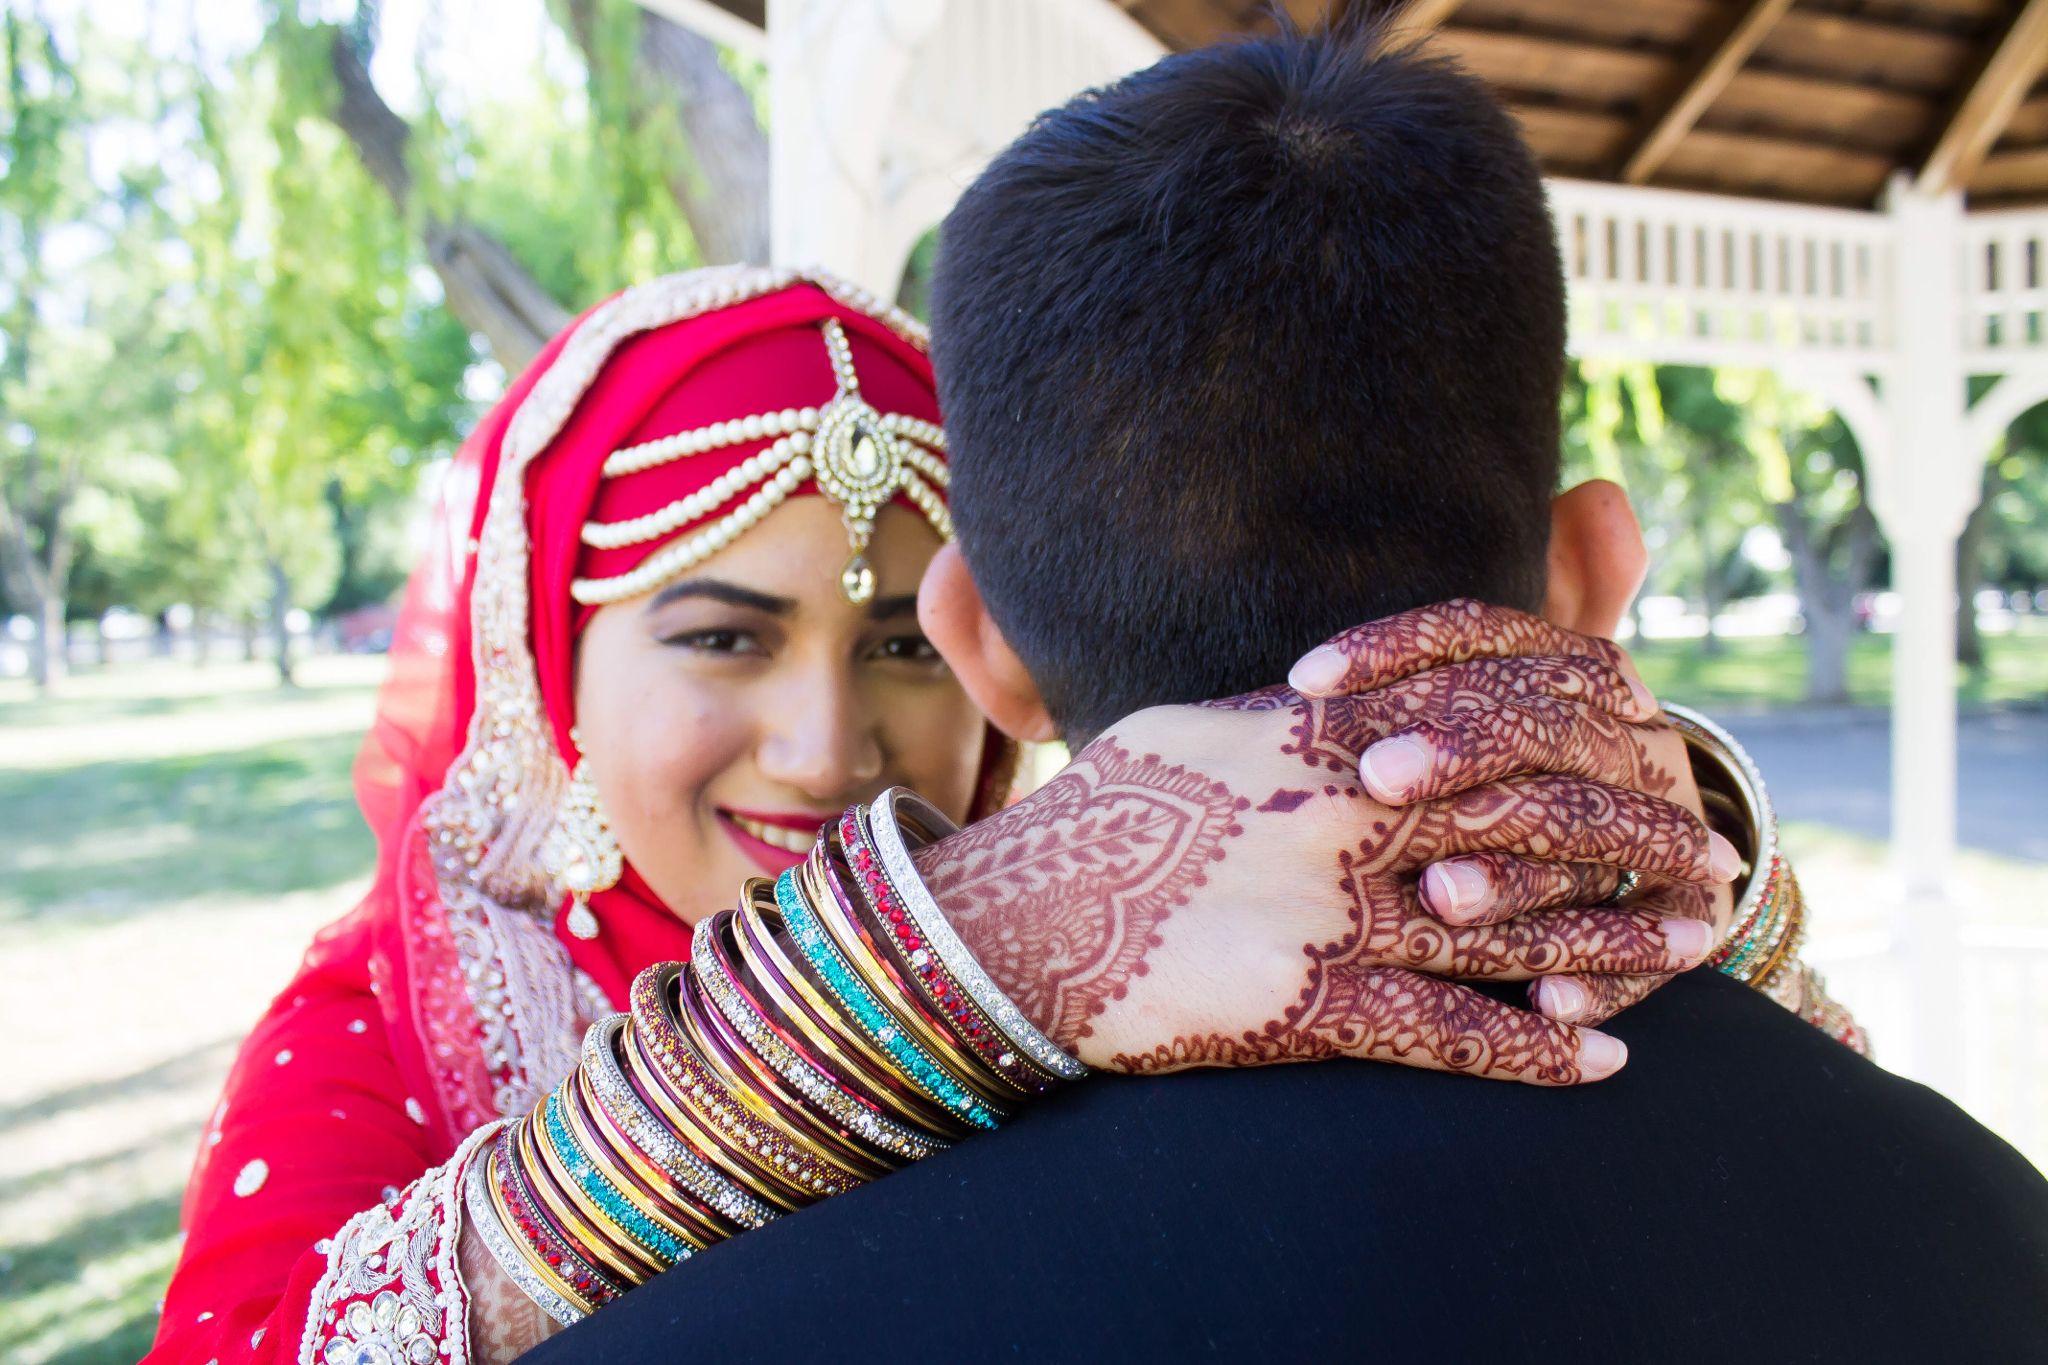 I Bridal Mehndi Jewellery : Muslim wedding pho graphs ideas hijabi bride groom real couple